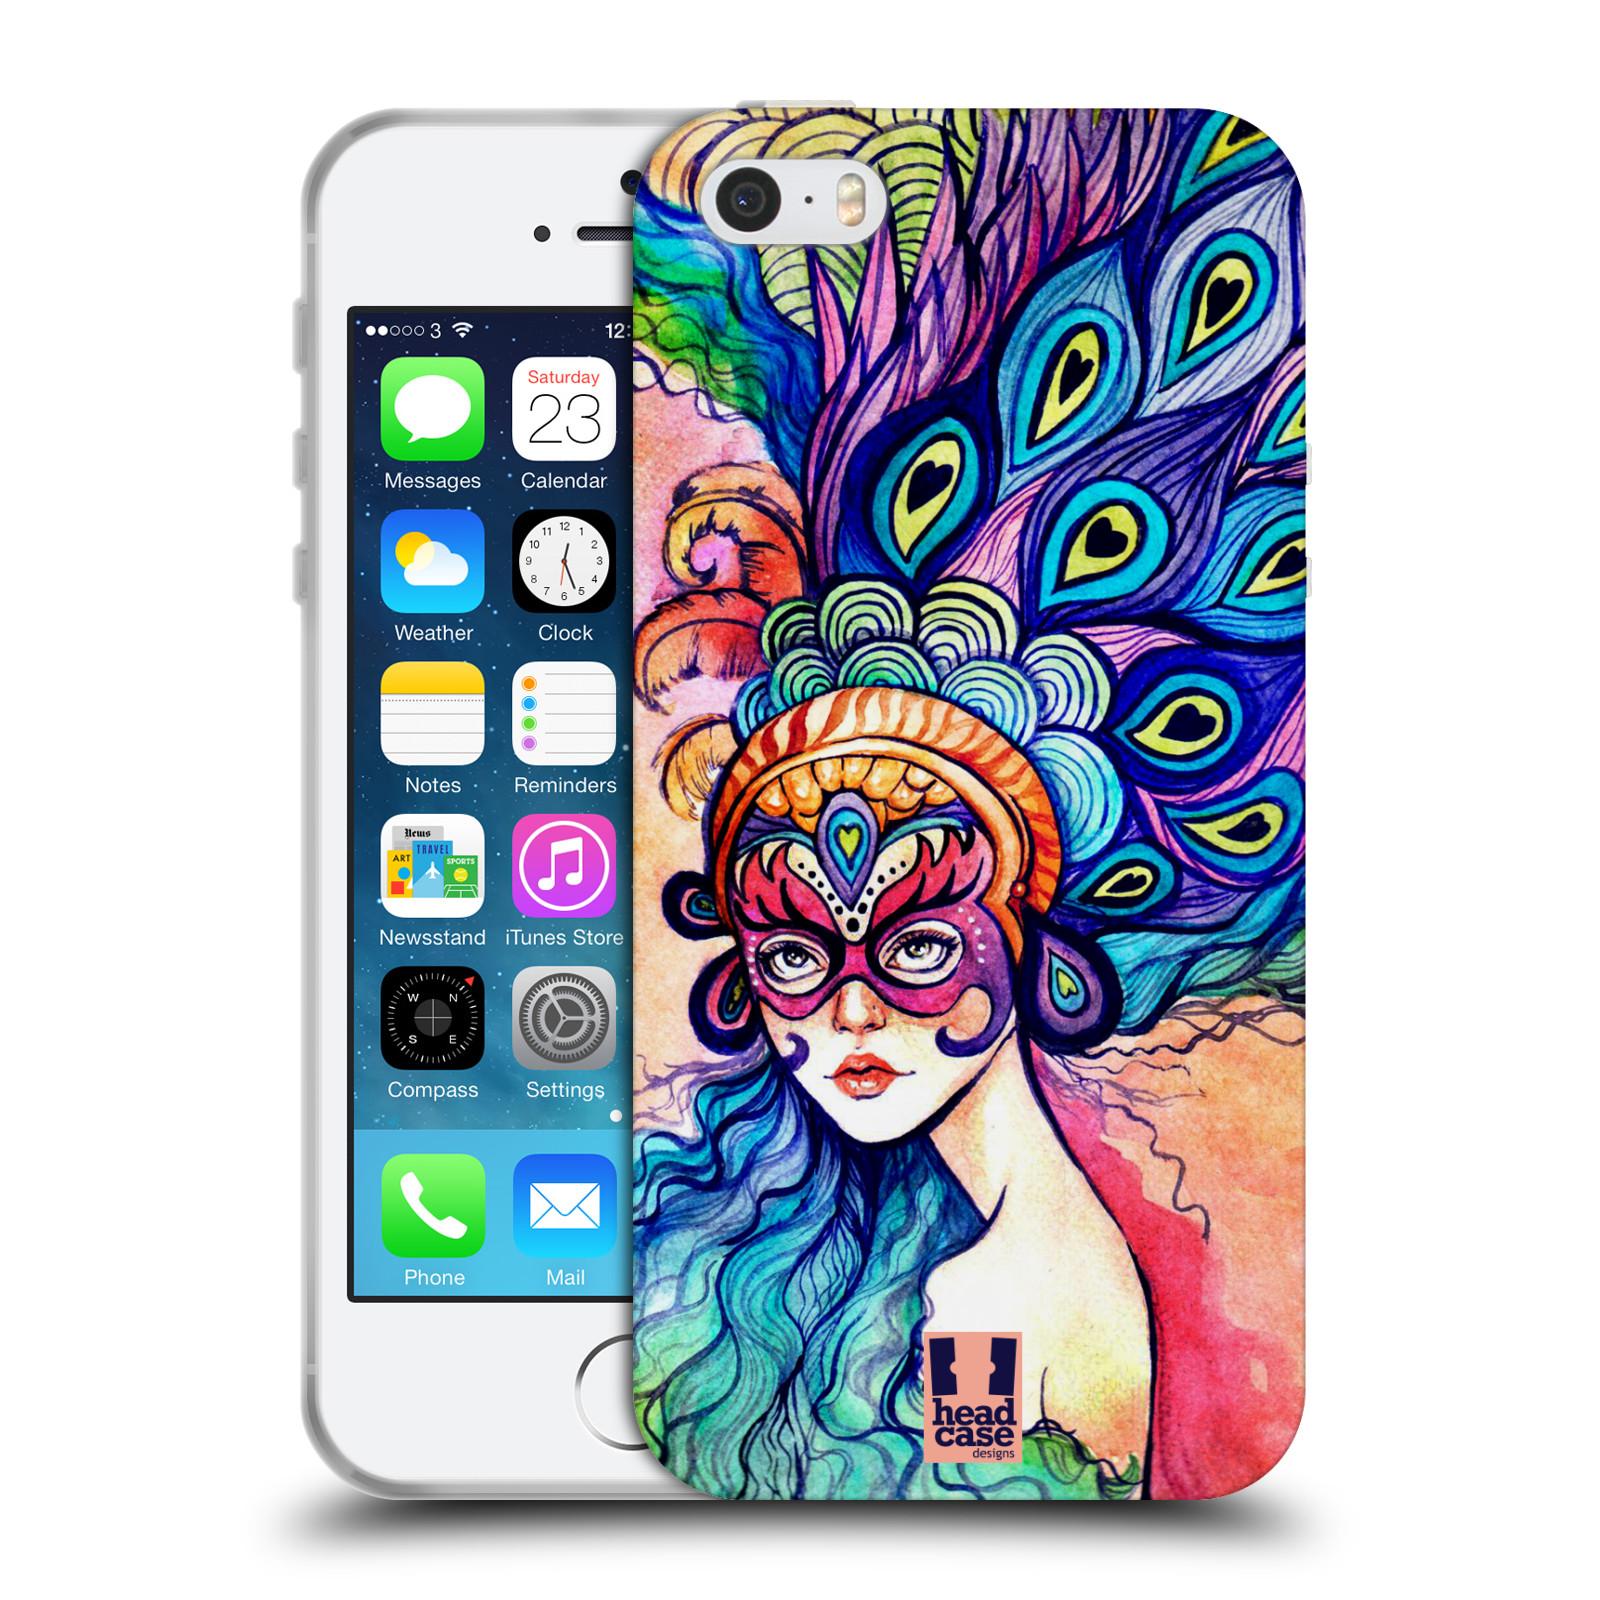 HEAD CASE silikonový obal na mobil Apple Iphone 5/5S vzor Maškarní ples masky kreslené vzory MODRÉ PÍRKA